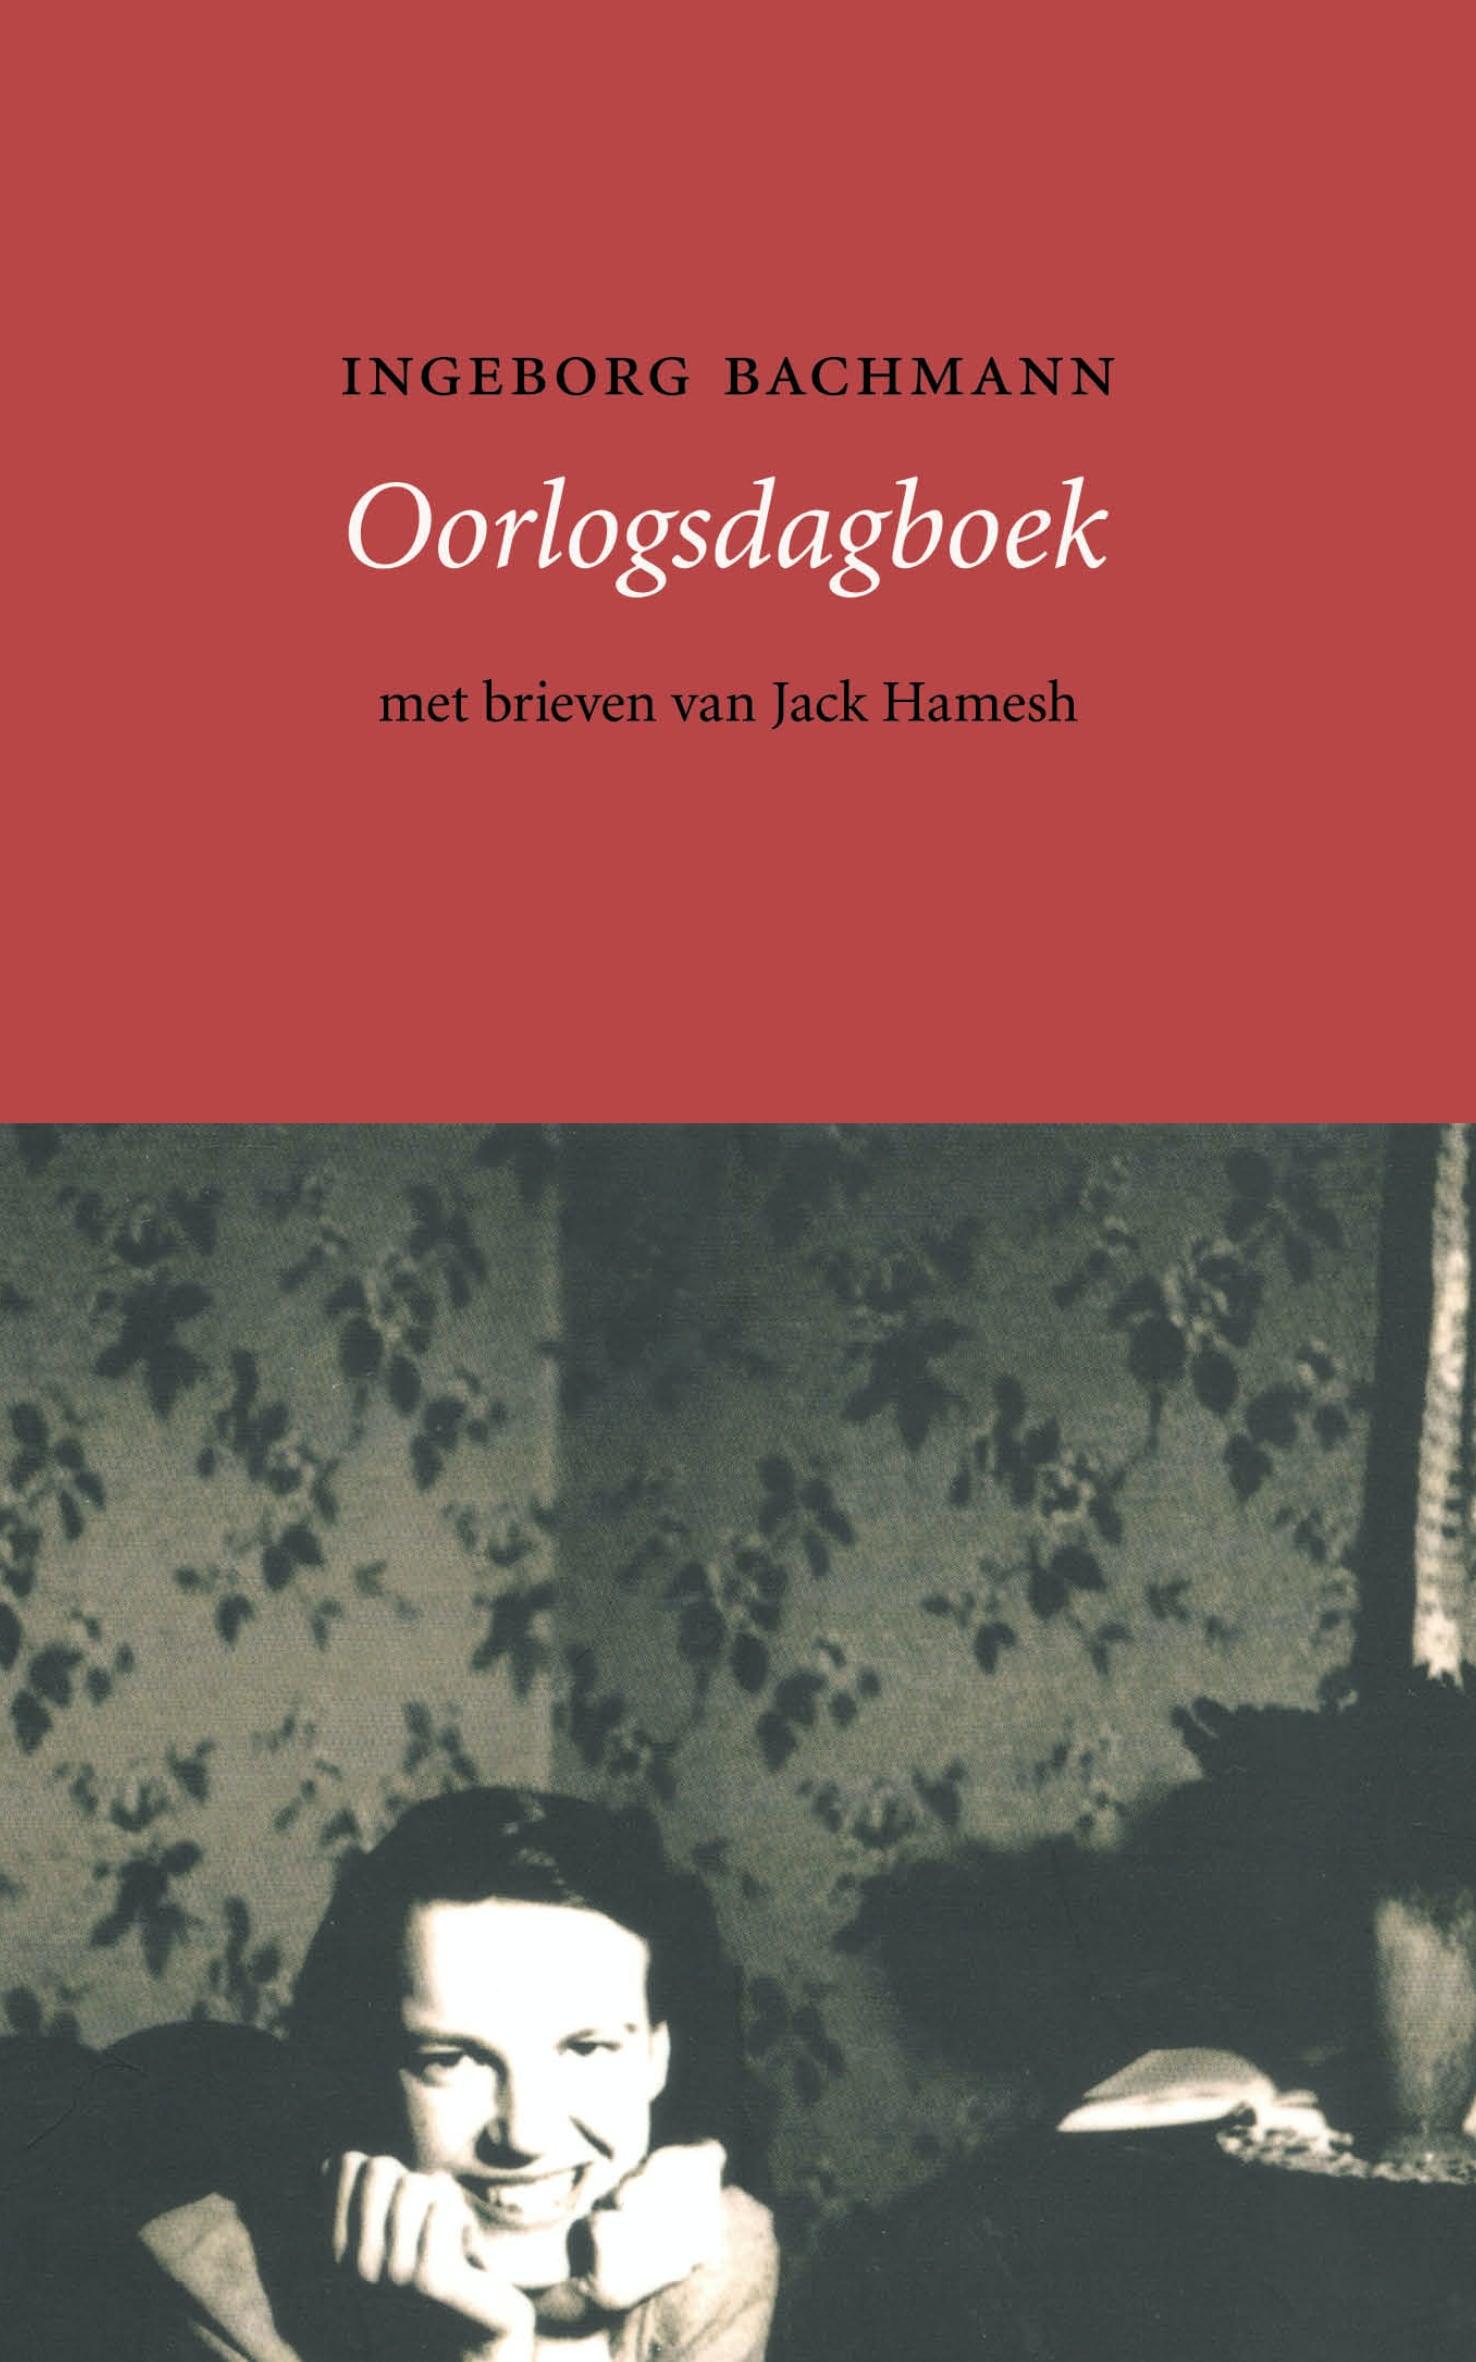 Oorlogsdagboek – Ingeborg Bachmann